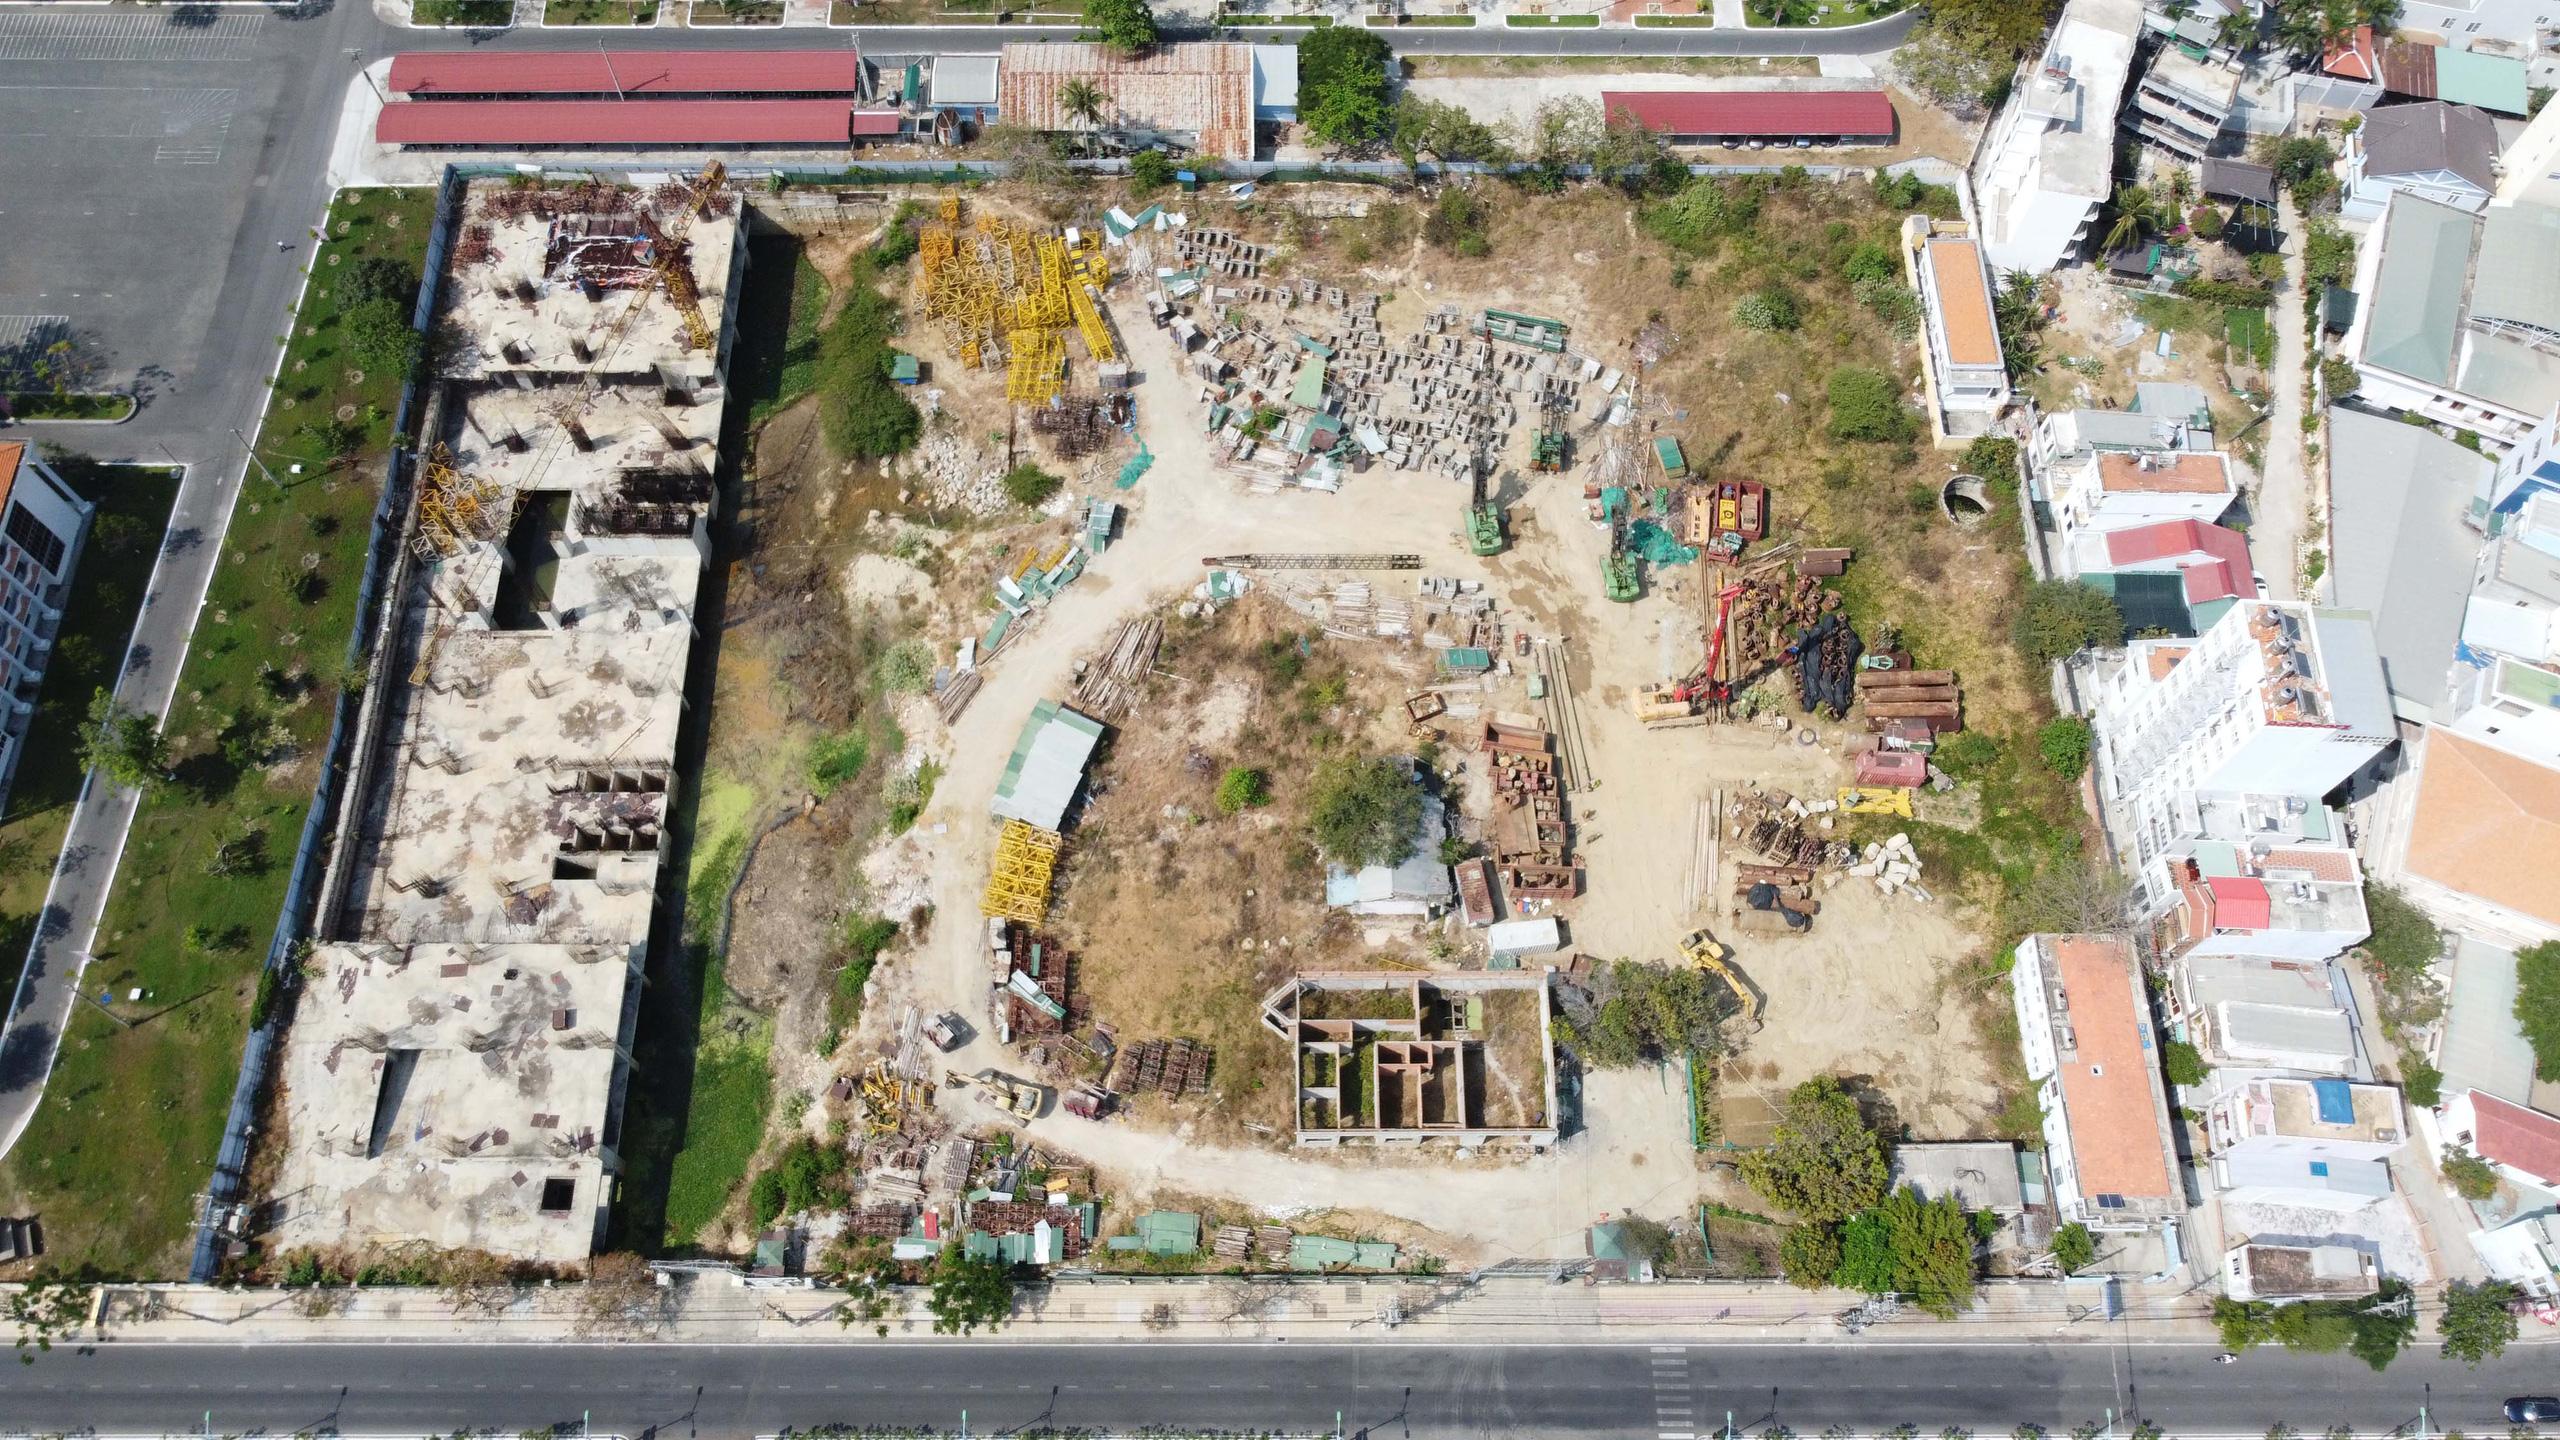 Hàng loạt dự án 'đất vàng' mặt tiền biển Nha Trang trở thành bãi hoang - Ảnh 11.